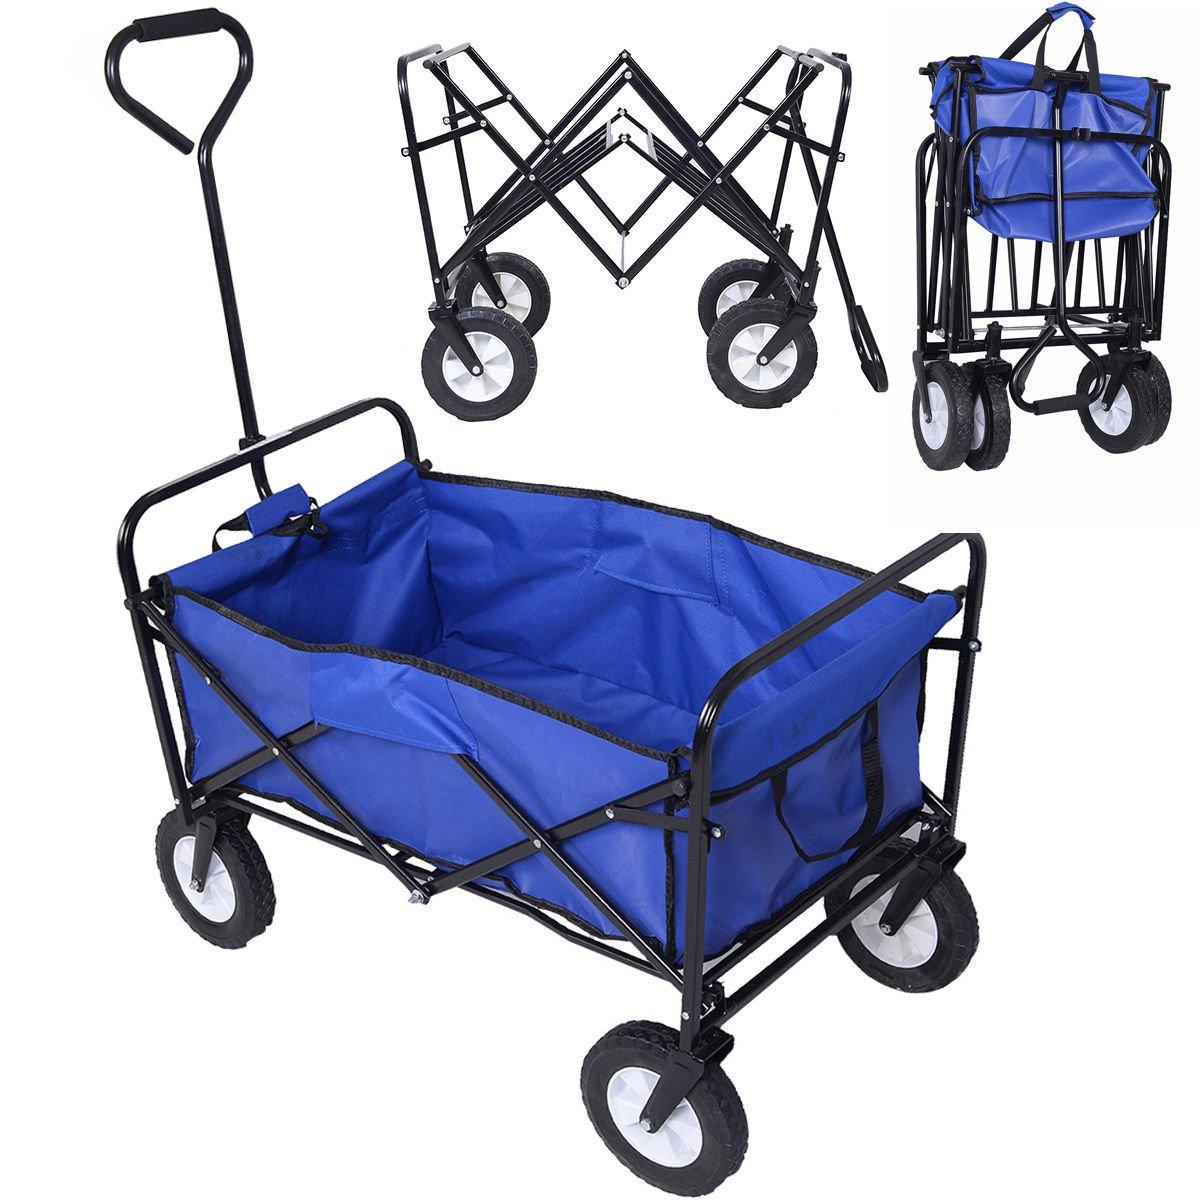 Ordinaire Amazon.com : Collapsible Folding Wagon Cart Garden Buggy Shopping Beach Toy  Sports Blue : Garden U0026 Outdoor